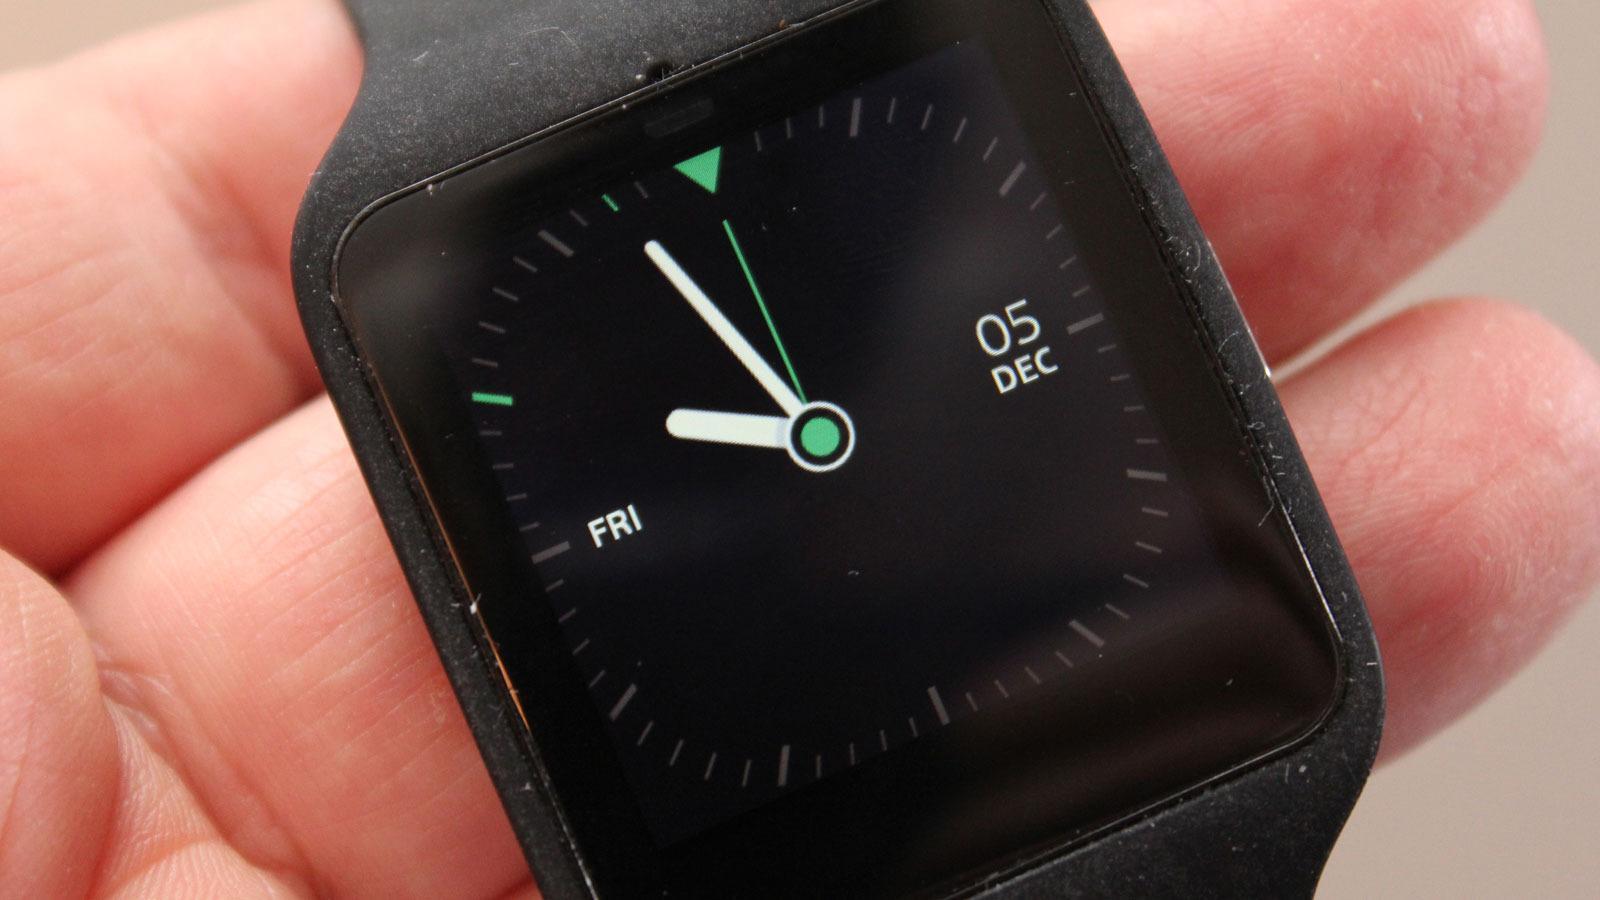 Dette er standard analog tidsvisning. Litt sprekere klokkeskiver kan lastes ned fra Google Play.Foto: Espen Irwing Swang, Tek.no